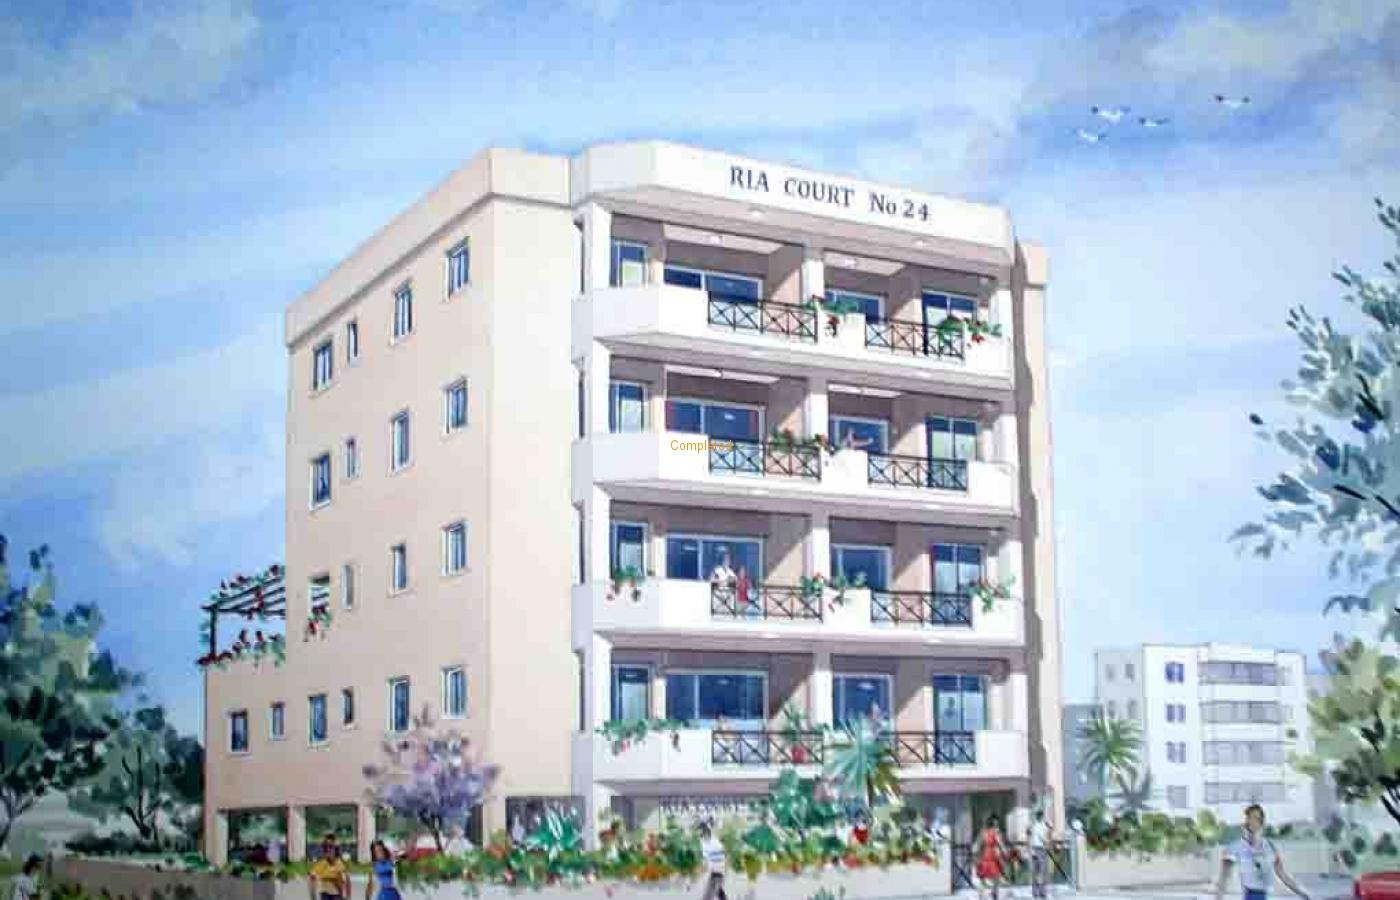 Ria Court 24